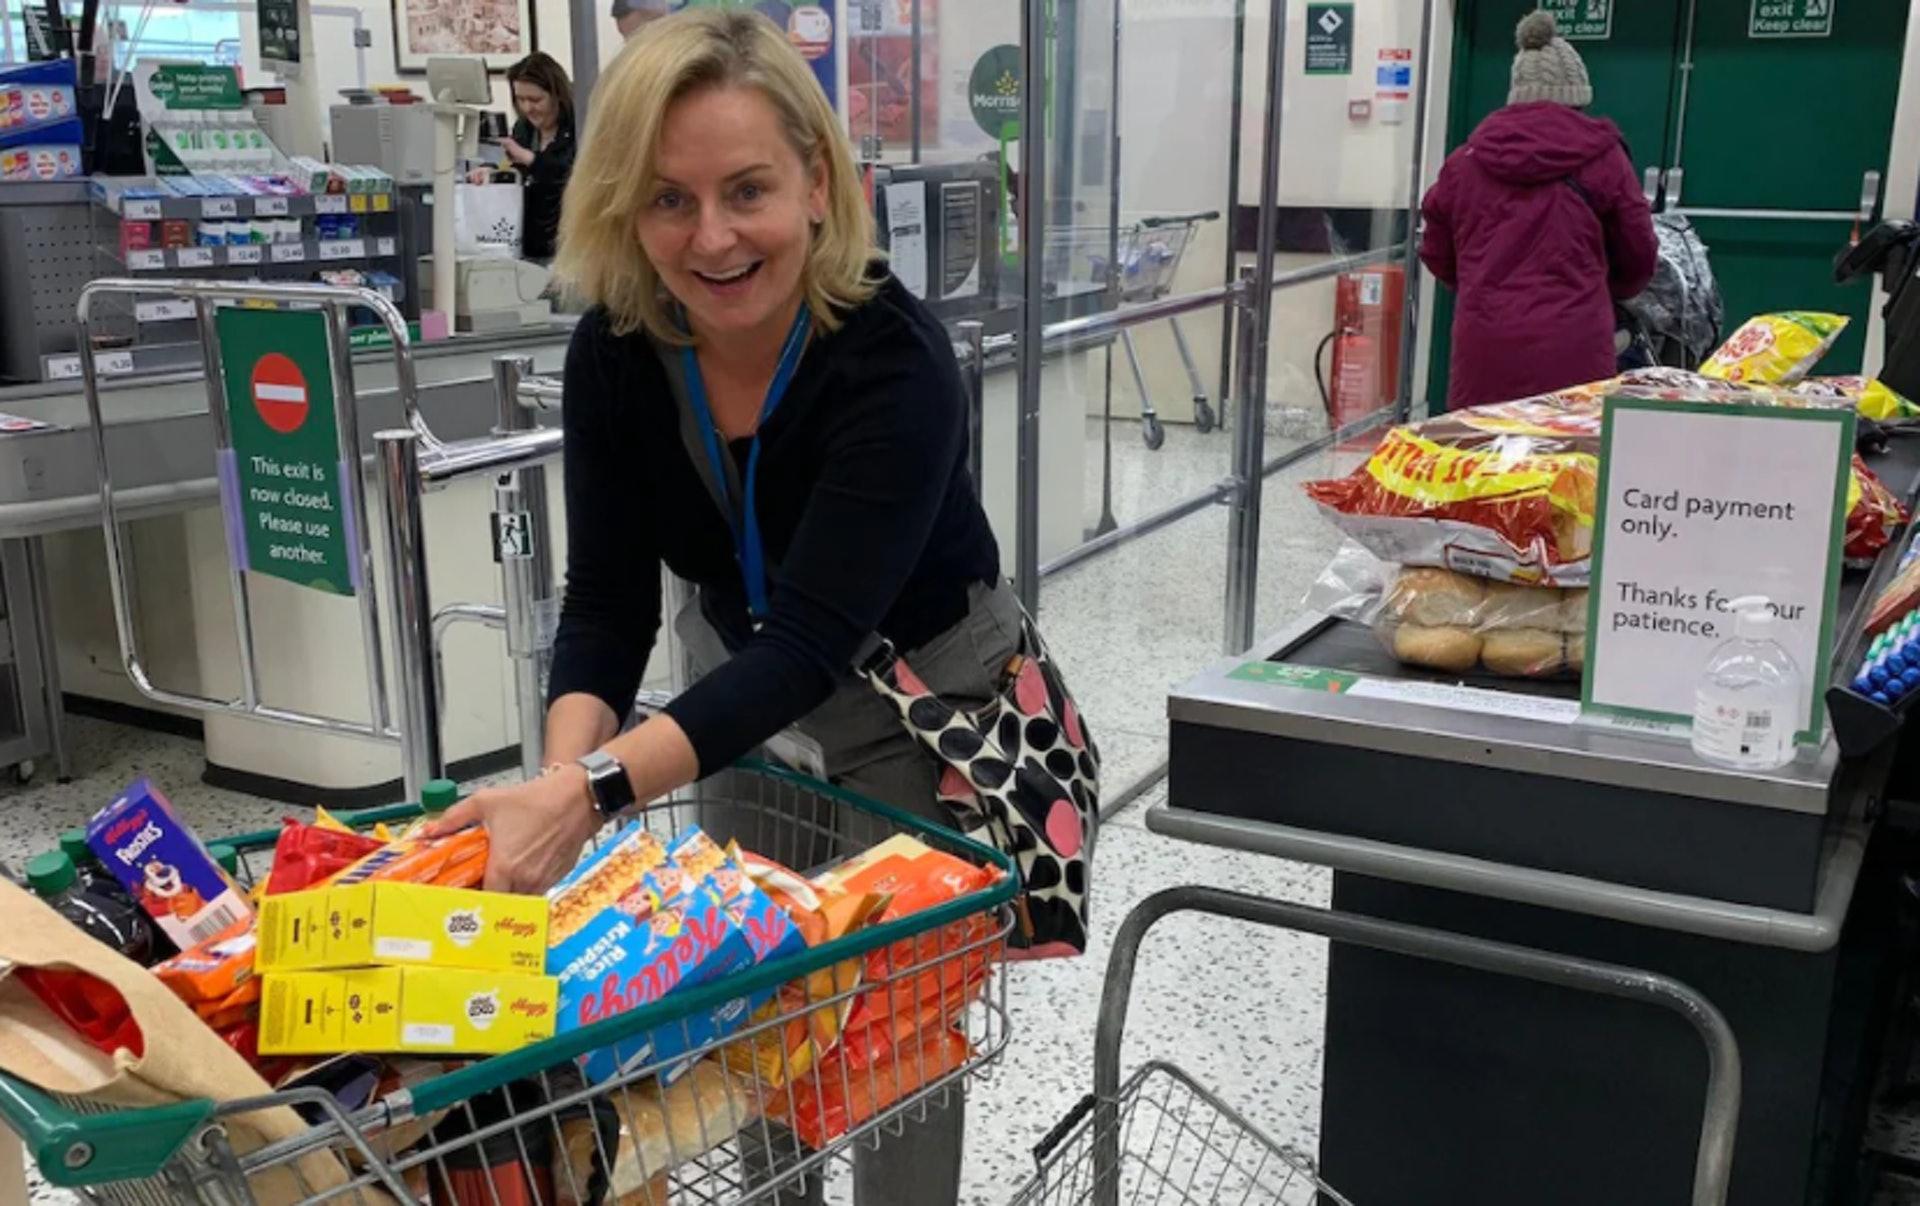 供應短缺下,學校也要儲糧。英國威爾特郡一間學校的職員同超巿掃貨。( Downland School/Twitter)